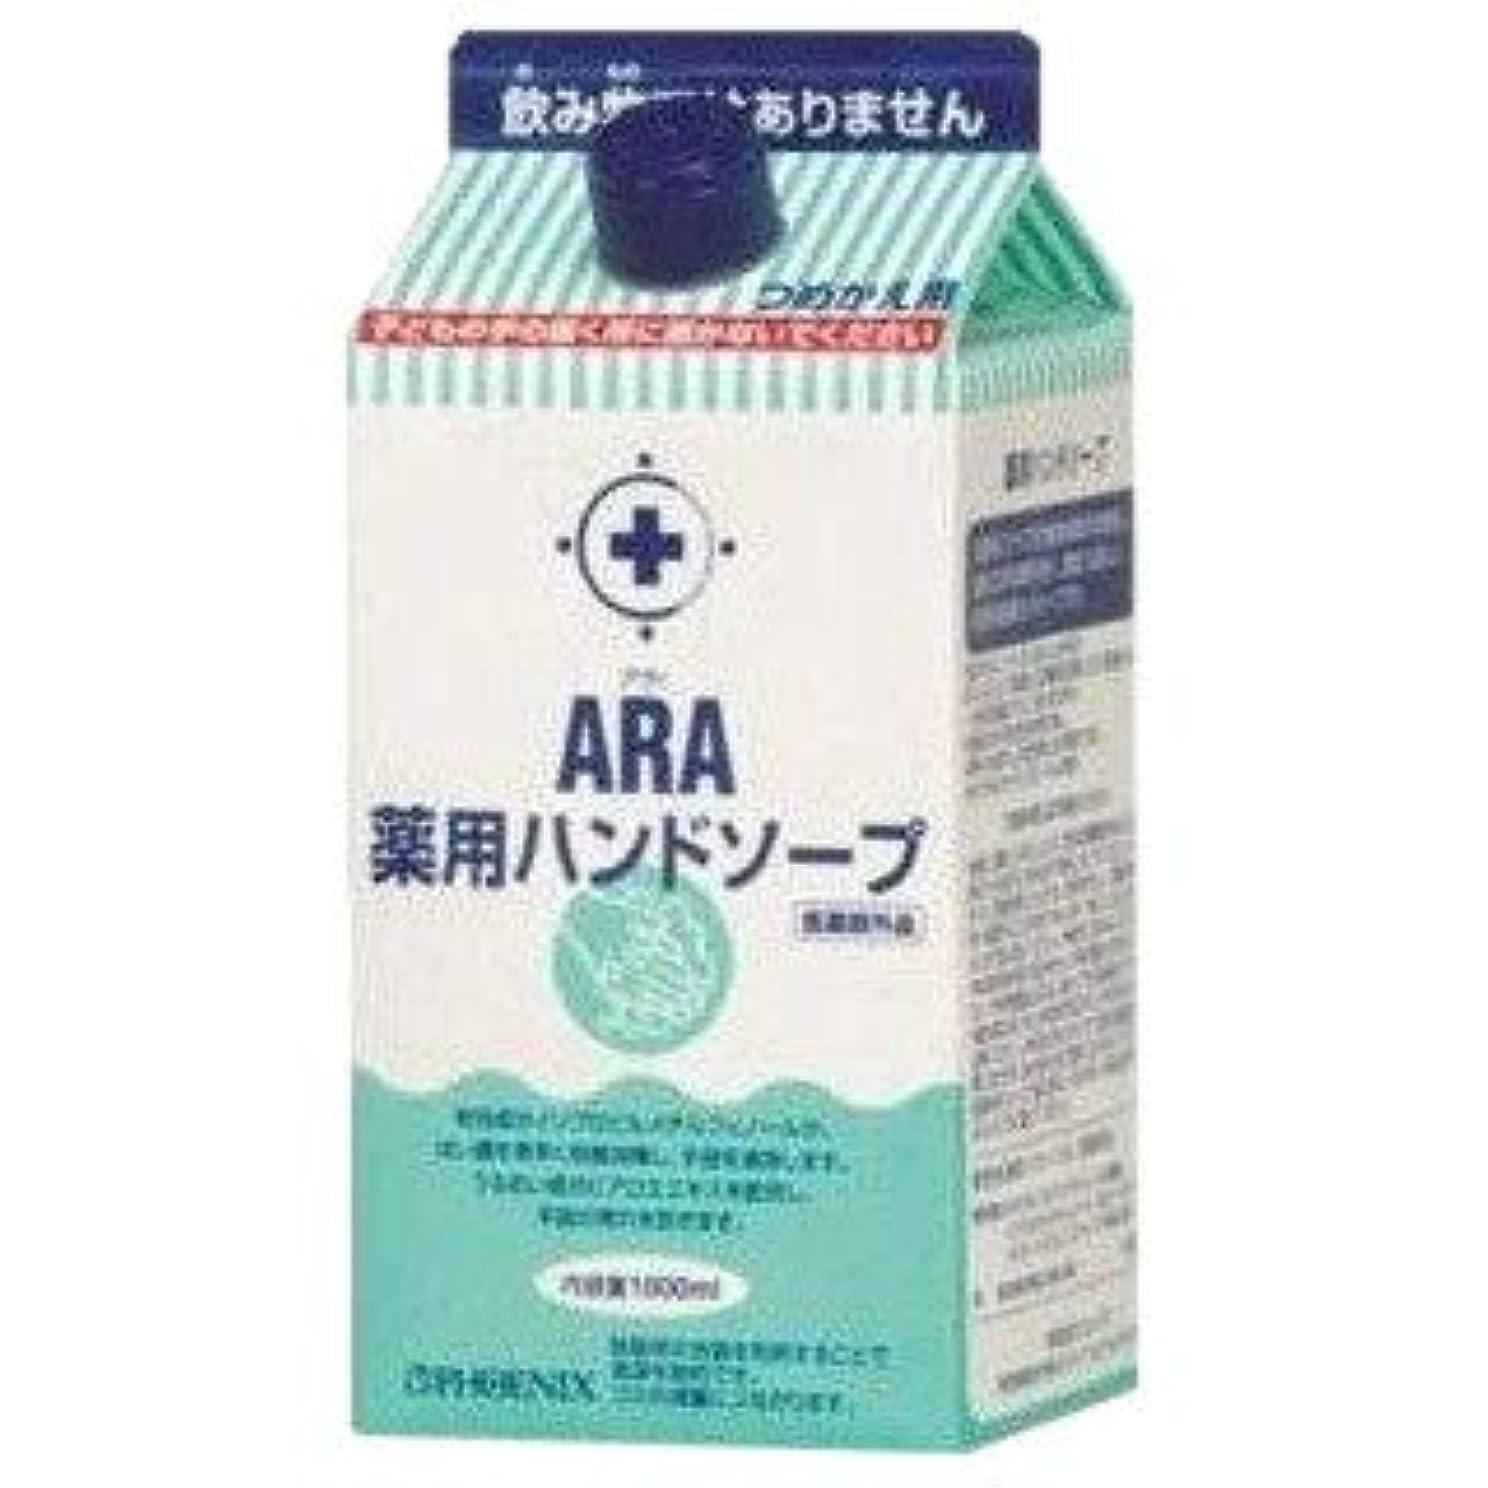 トチの実の木排除するぎこちないARA 薬用ハンドソープ(詰め替え用) 1000ml×12入